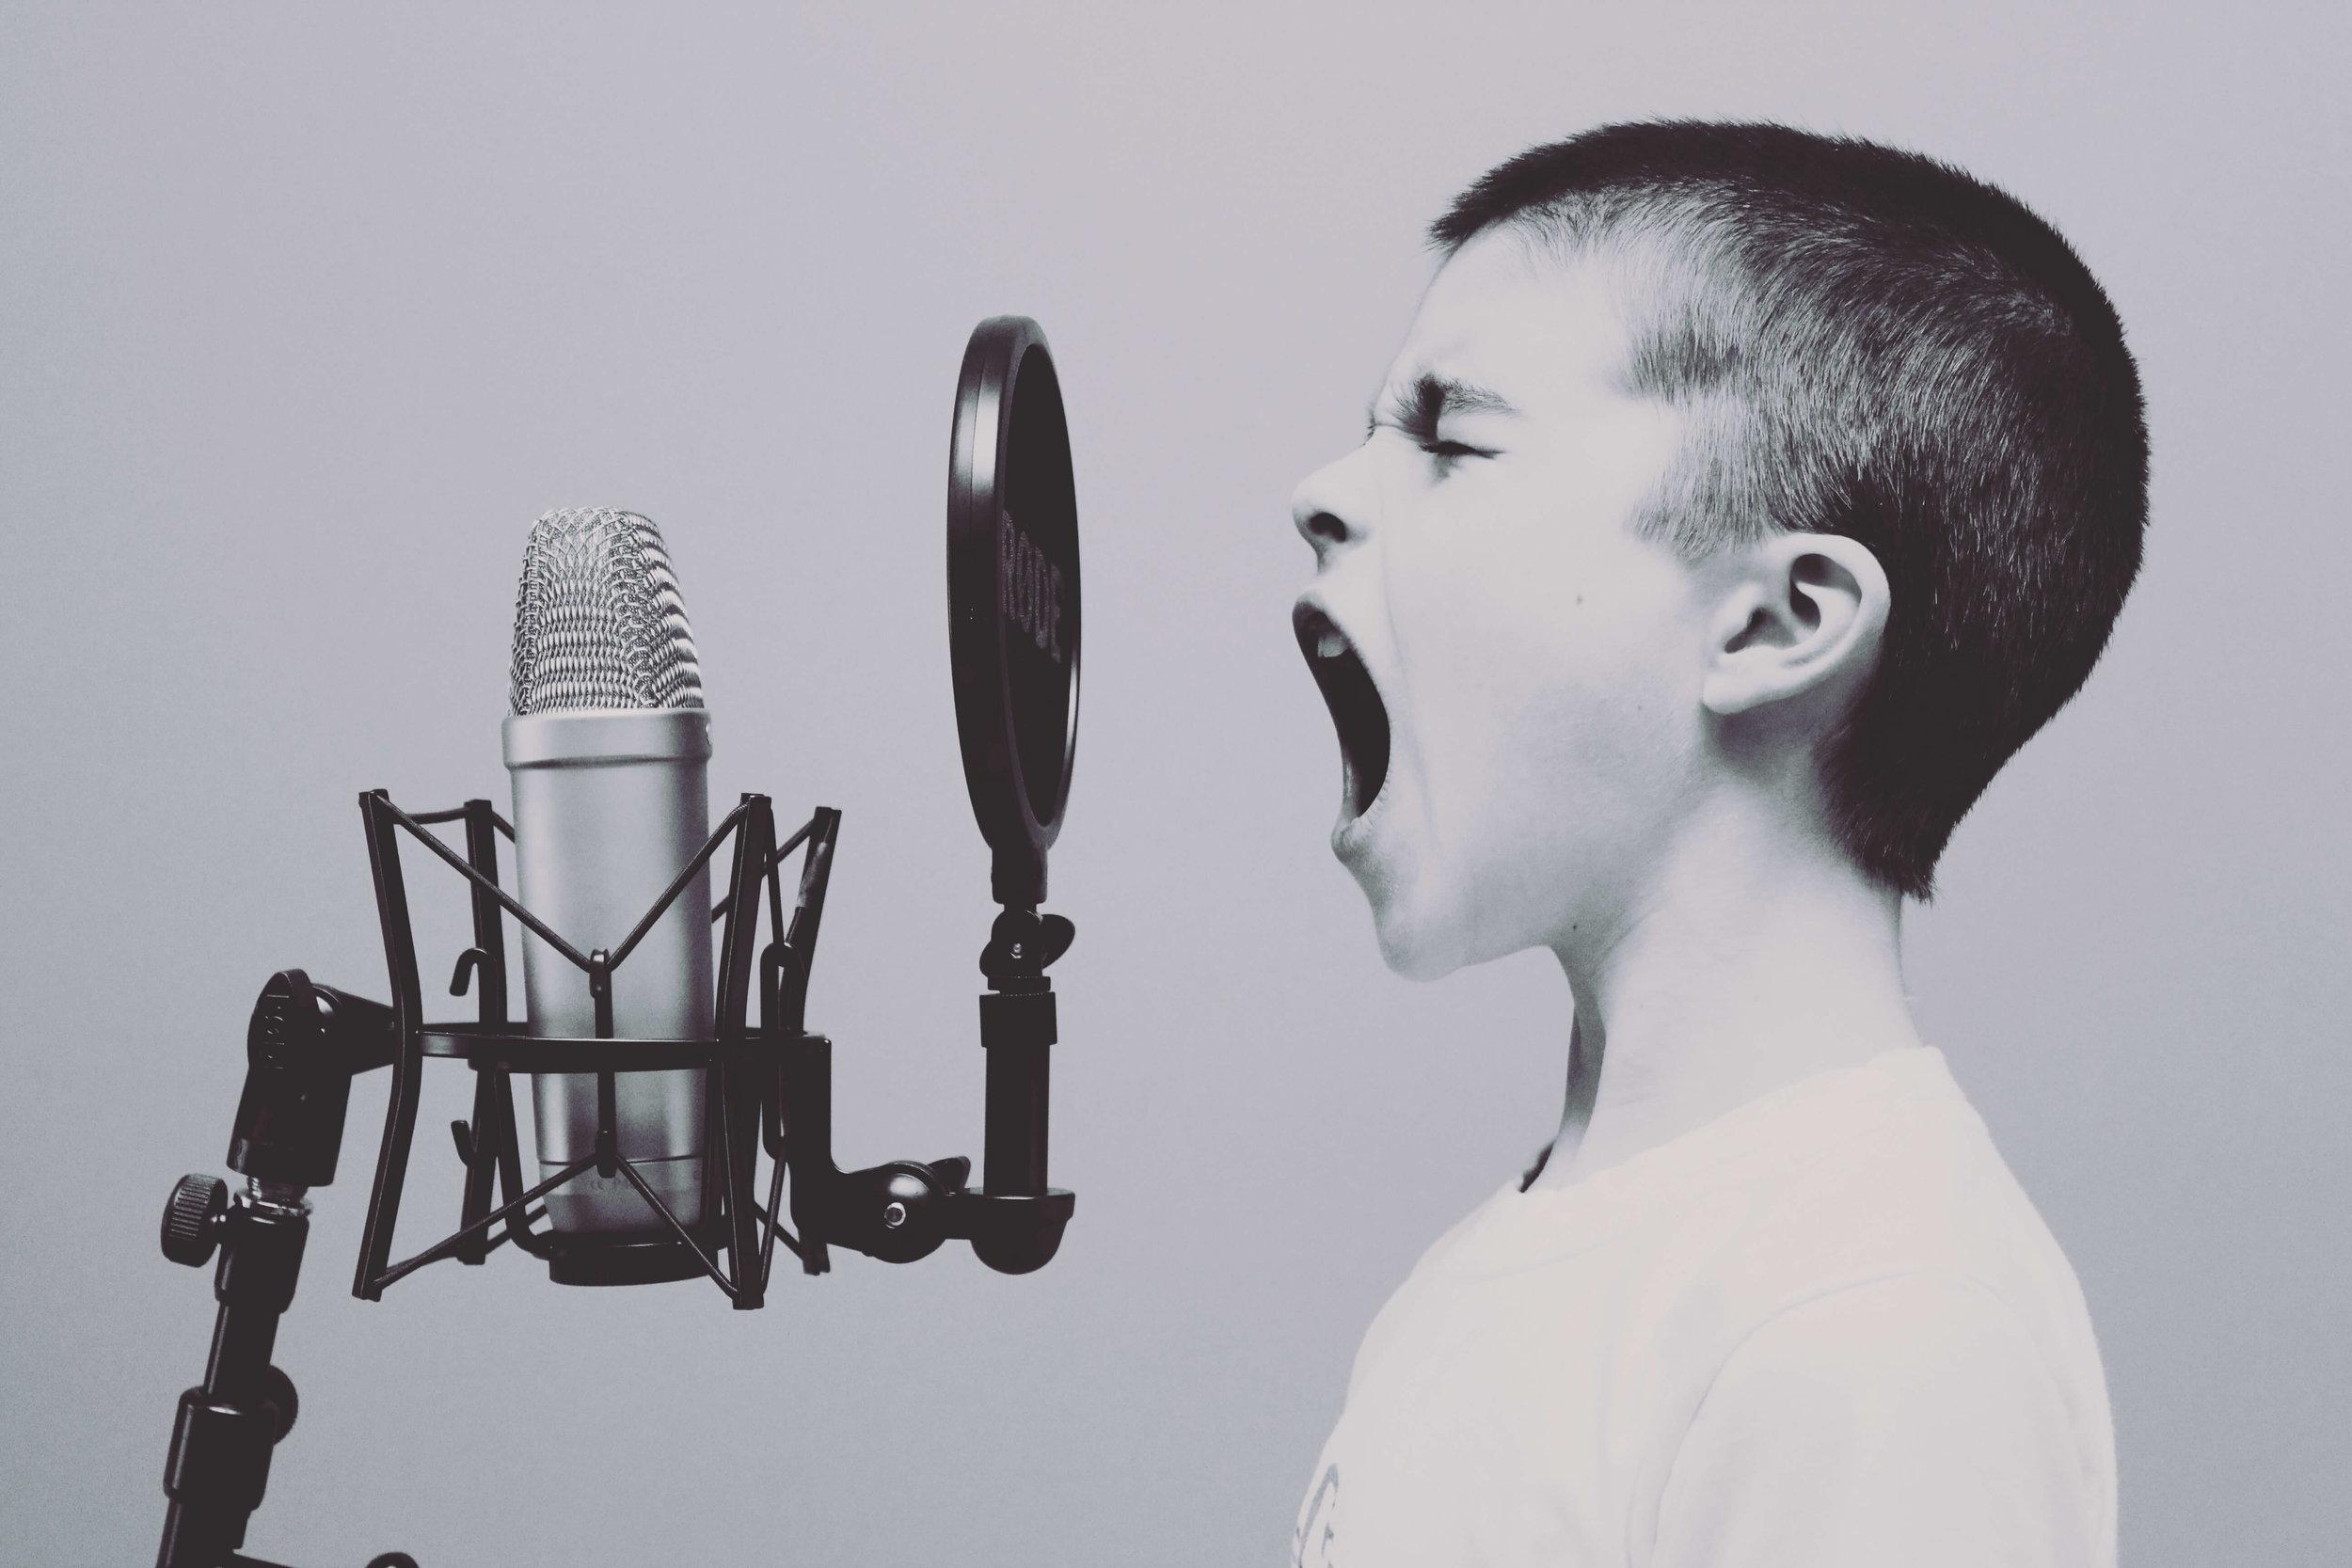 Be a voice not an echo -